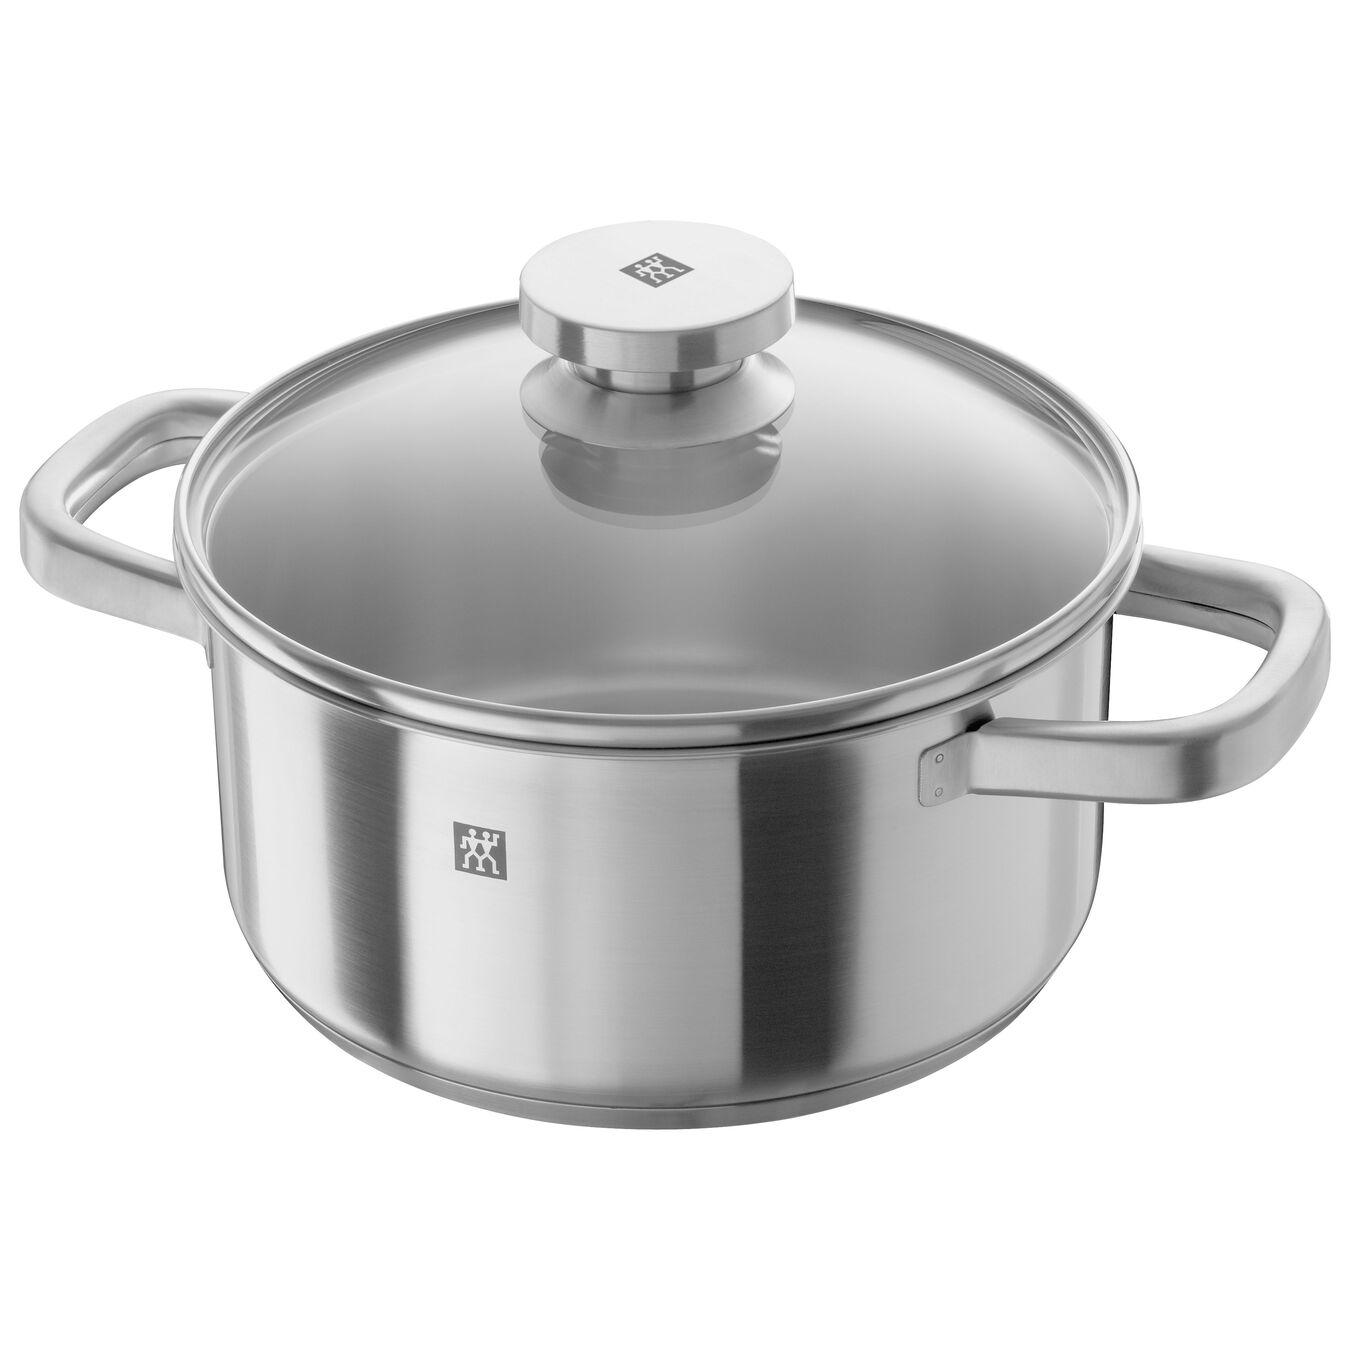 Ensemble de casseroles 5-pcs, Inox 18/10,,large 3